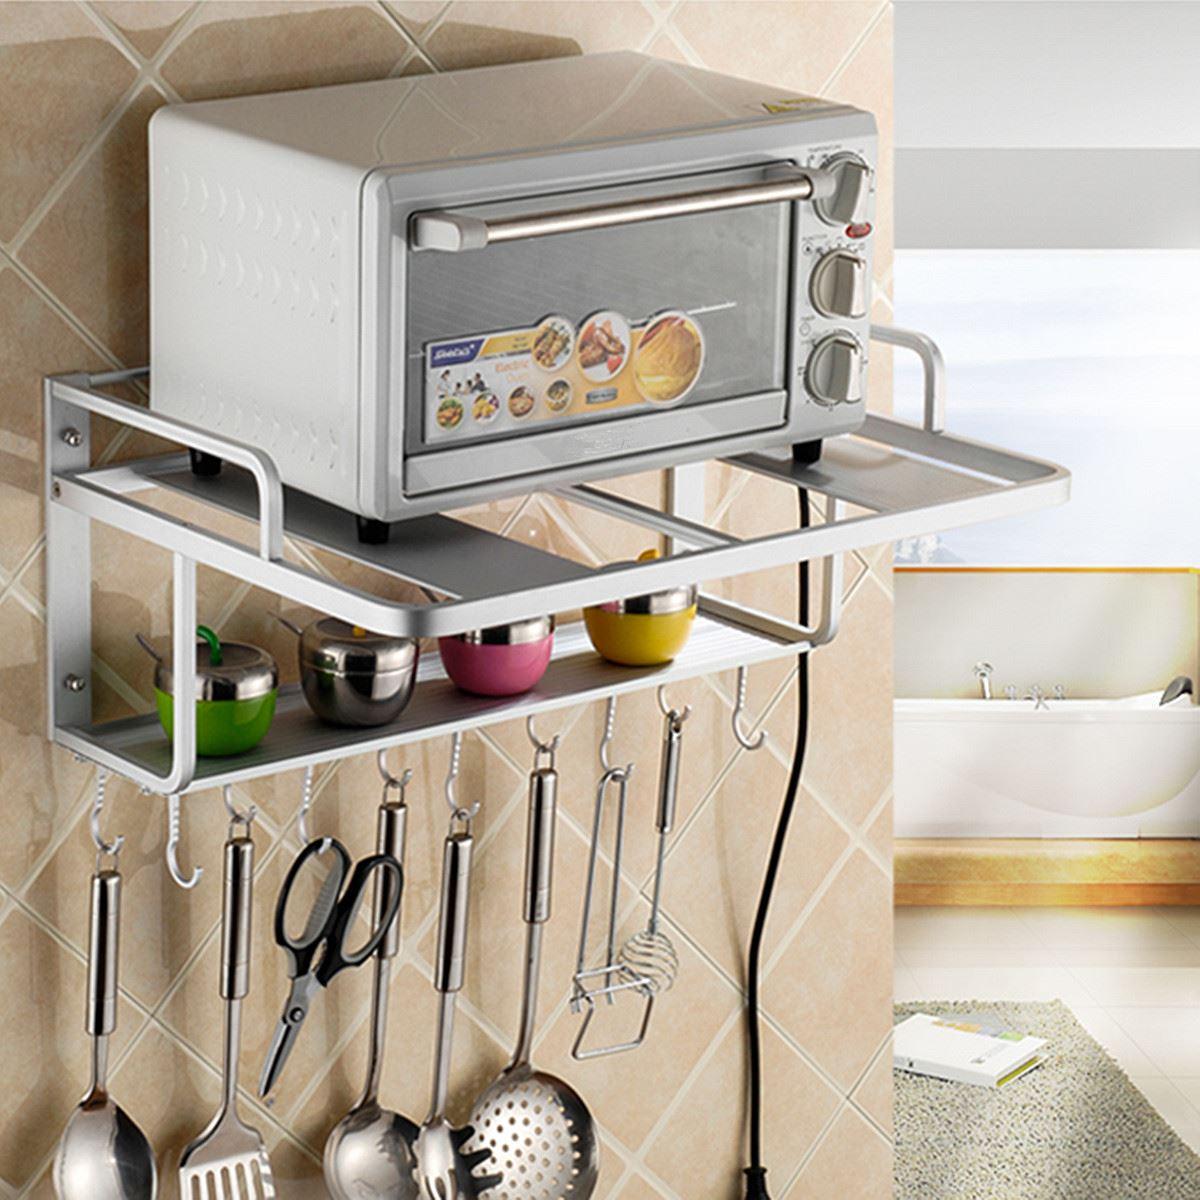 Promoci n de esquina de microondas horno compra esquina de microondas horno promocionales en - Estante microondas ...